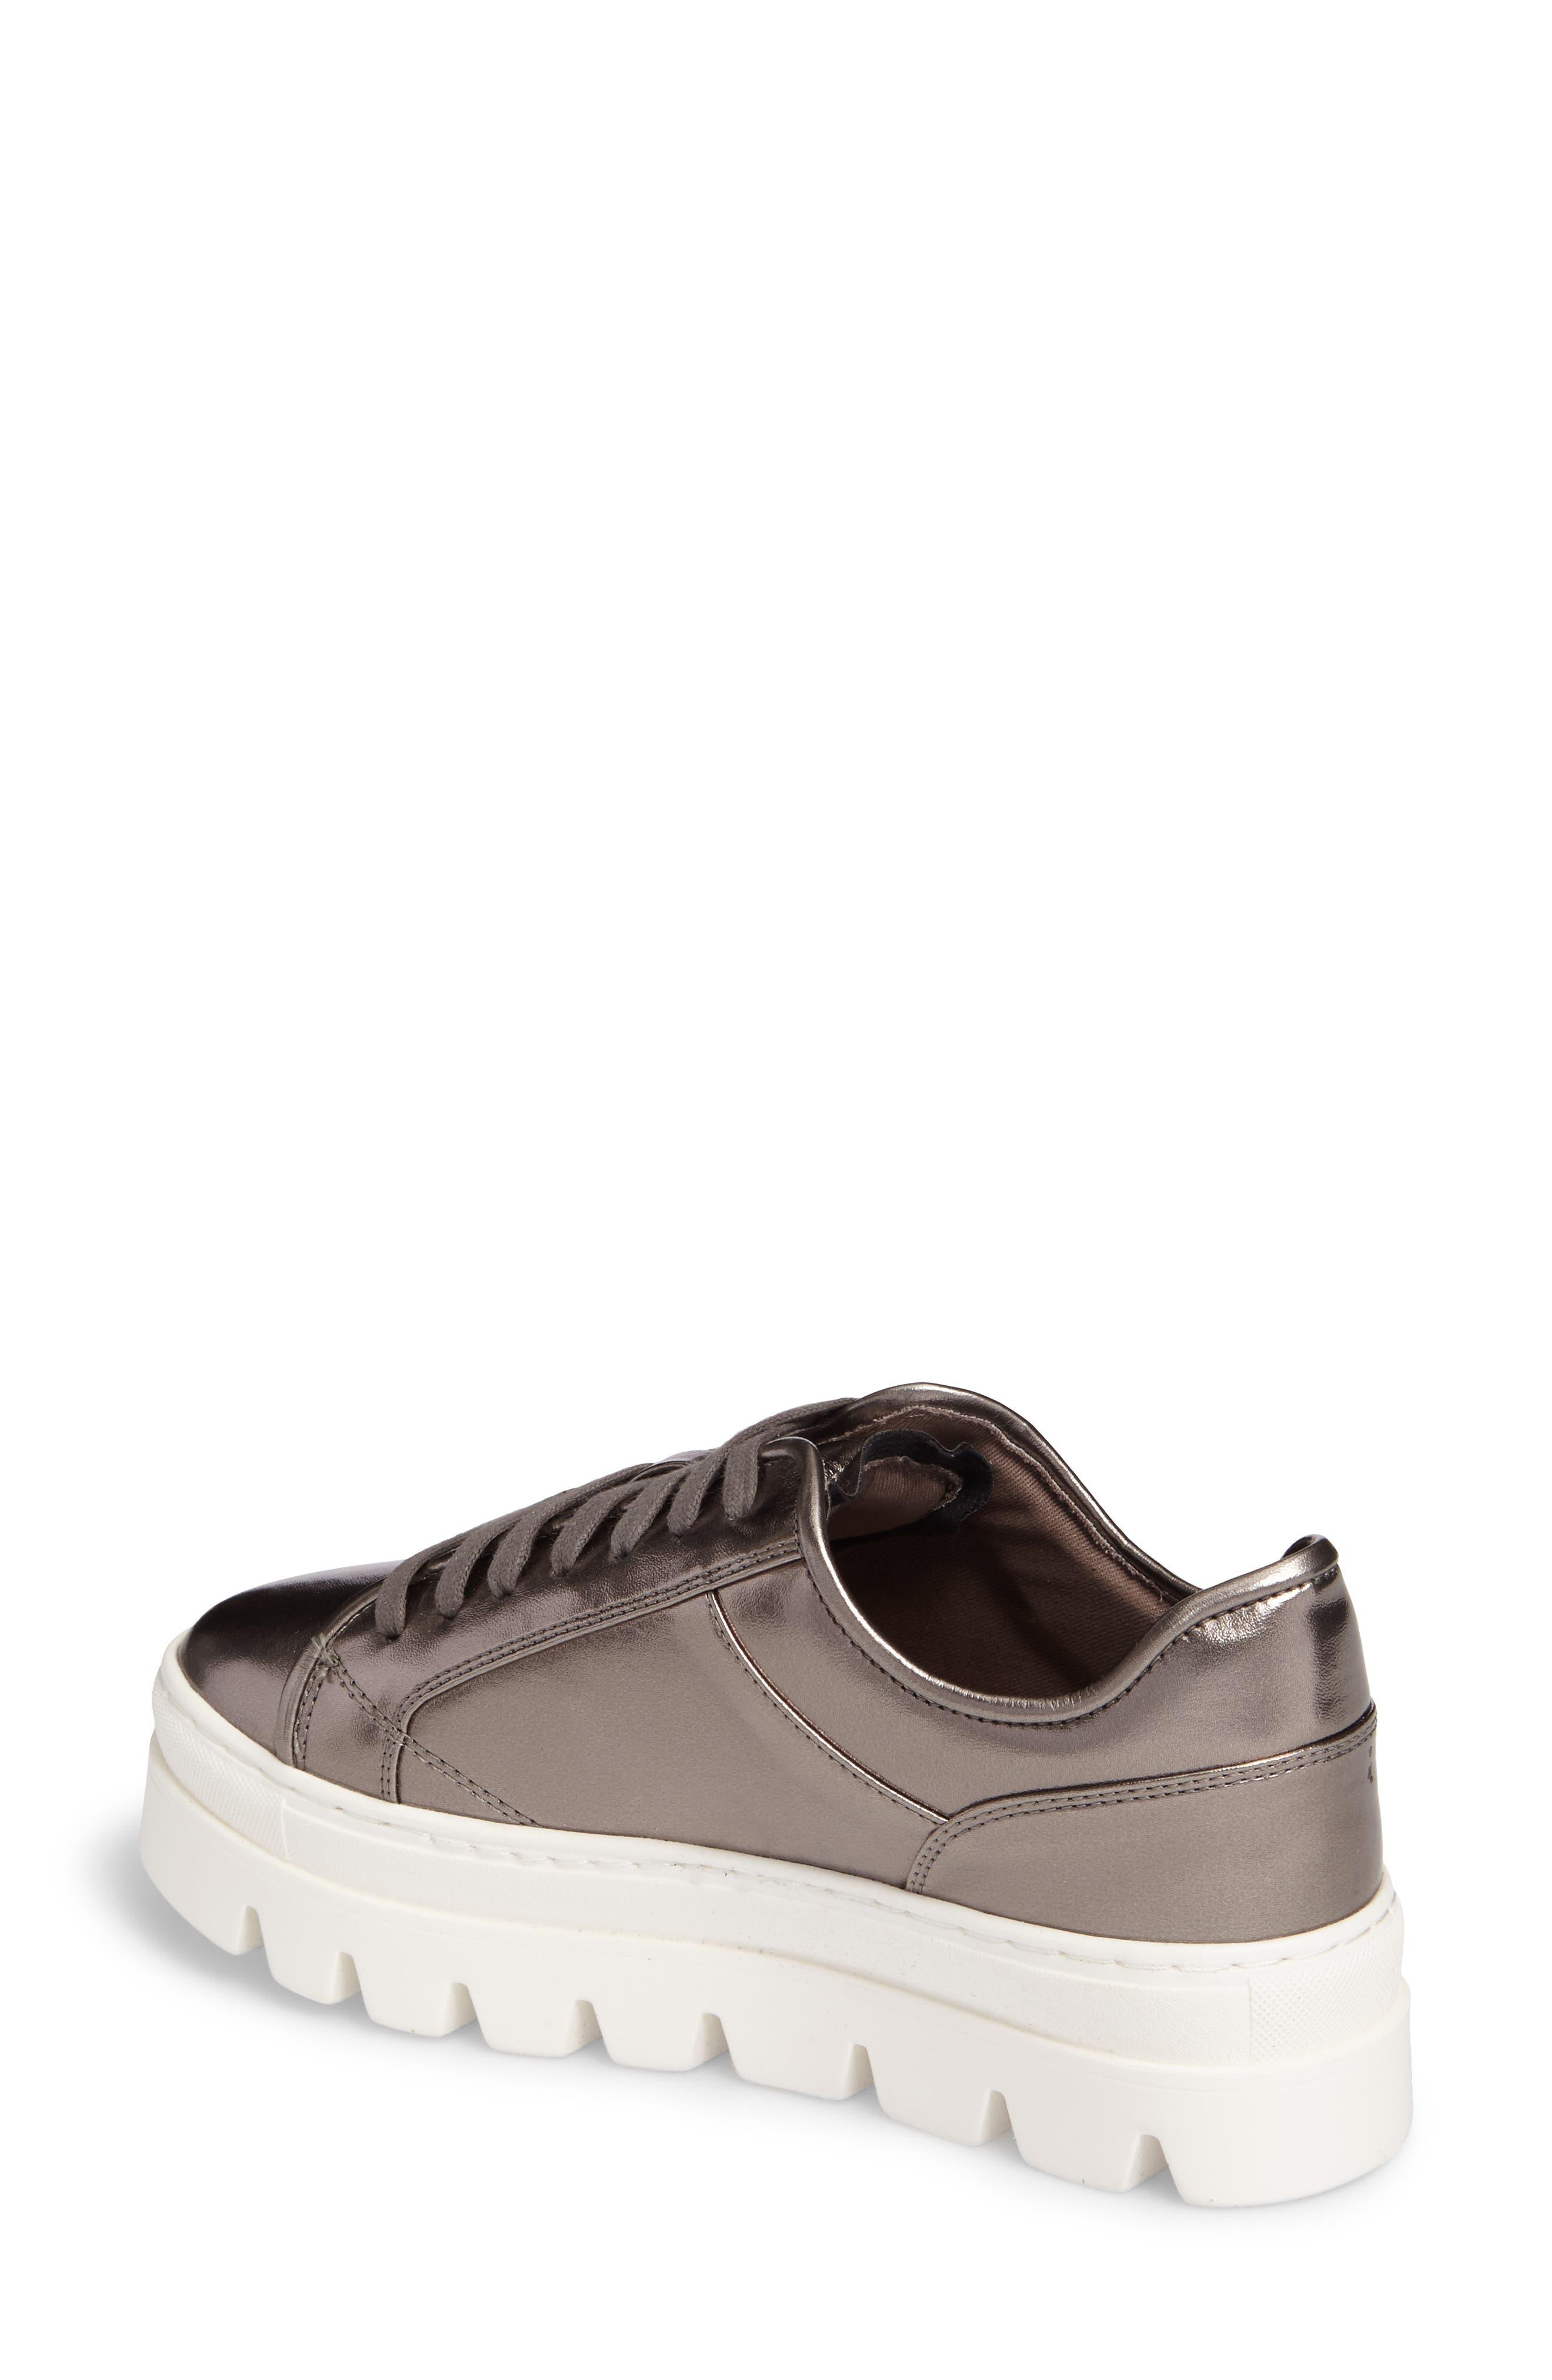 Alternate Image 2  - Steve Madden Kickstart Platform Sneaker (Women)